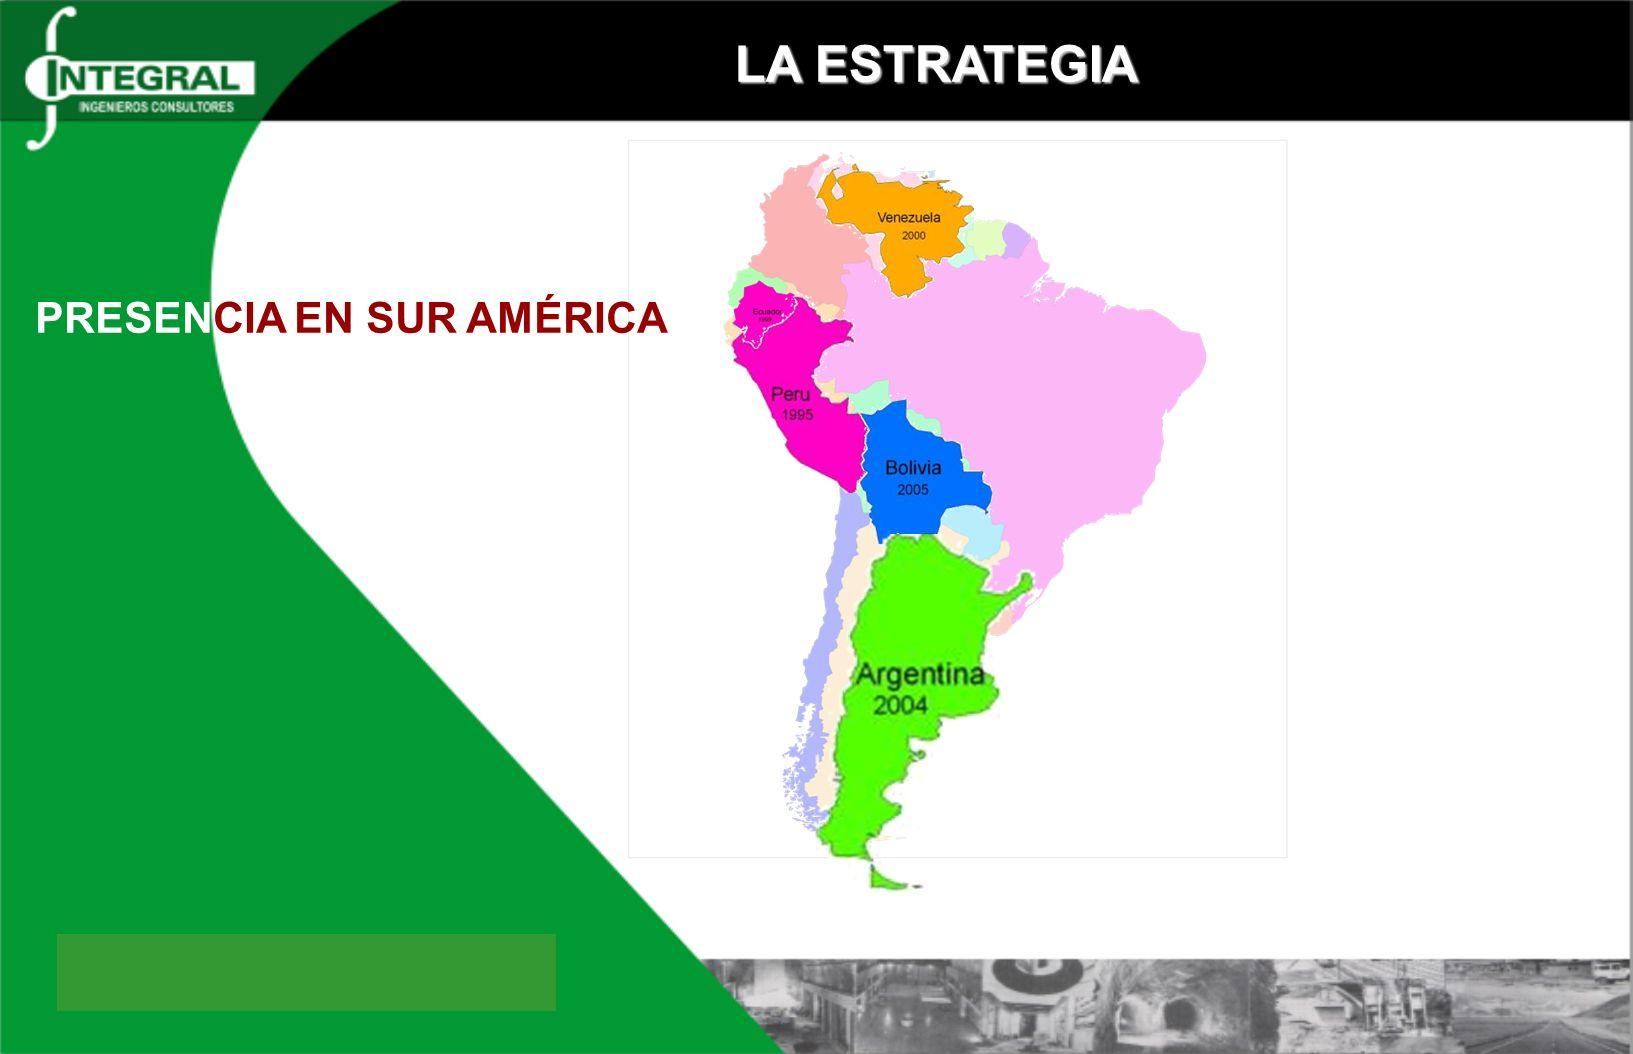 LA ESTRATEGIA PRESENCIA EN SUR AMÉRICA